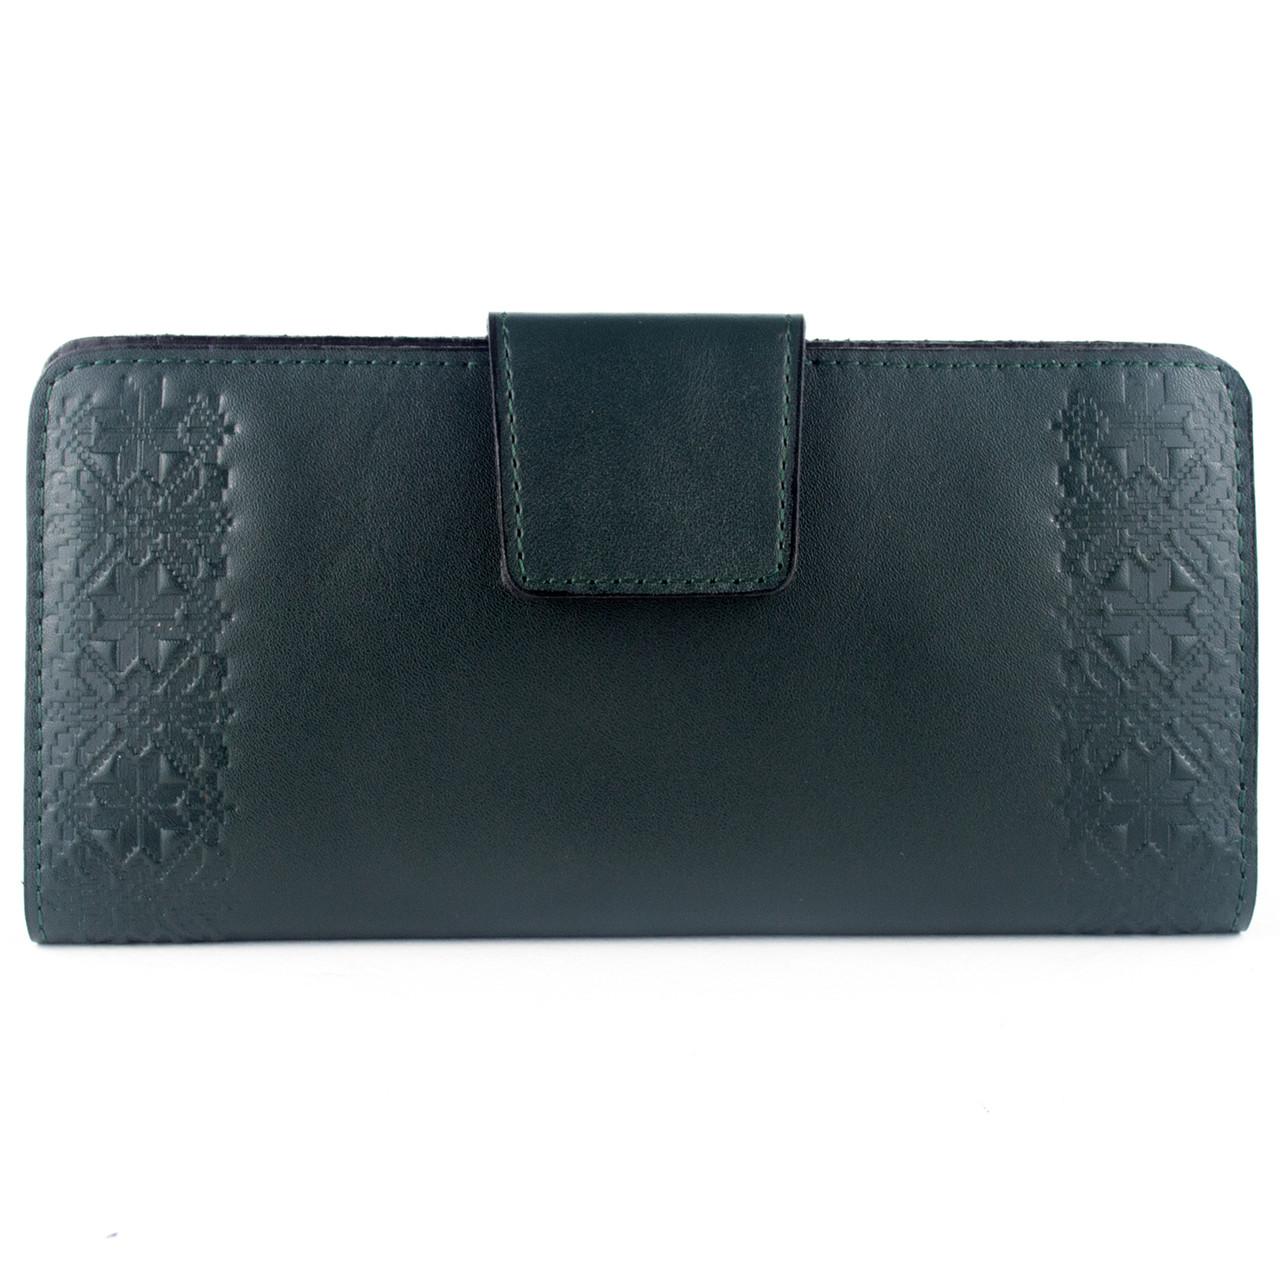 949dda720fd1 Кошелек женский кожаный К1-06 (темно-зеленый): продажа, цена в ...